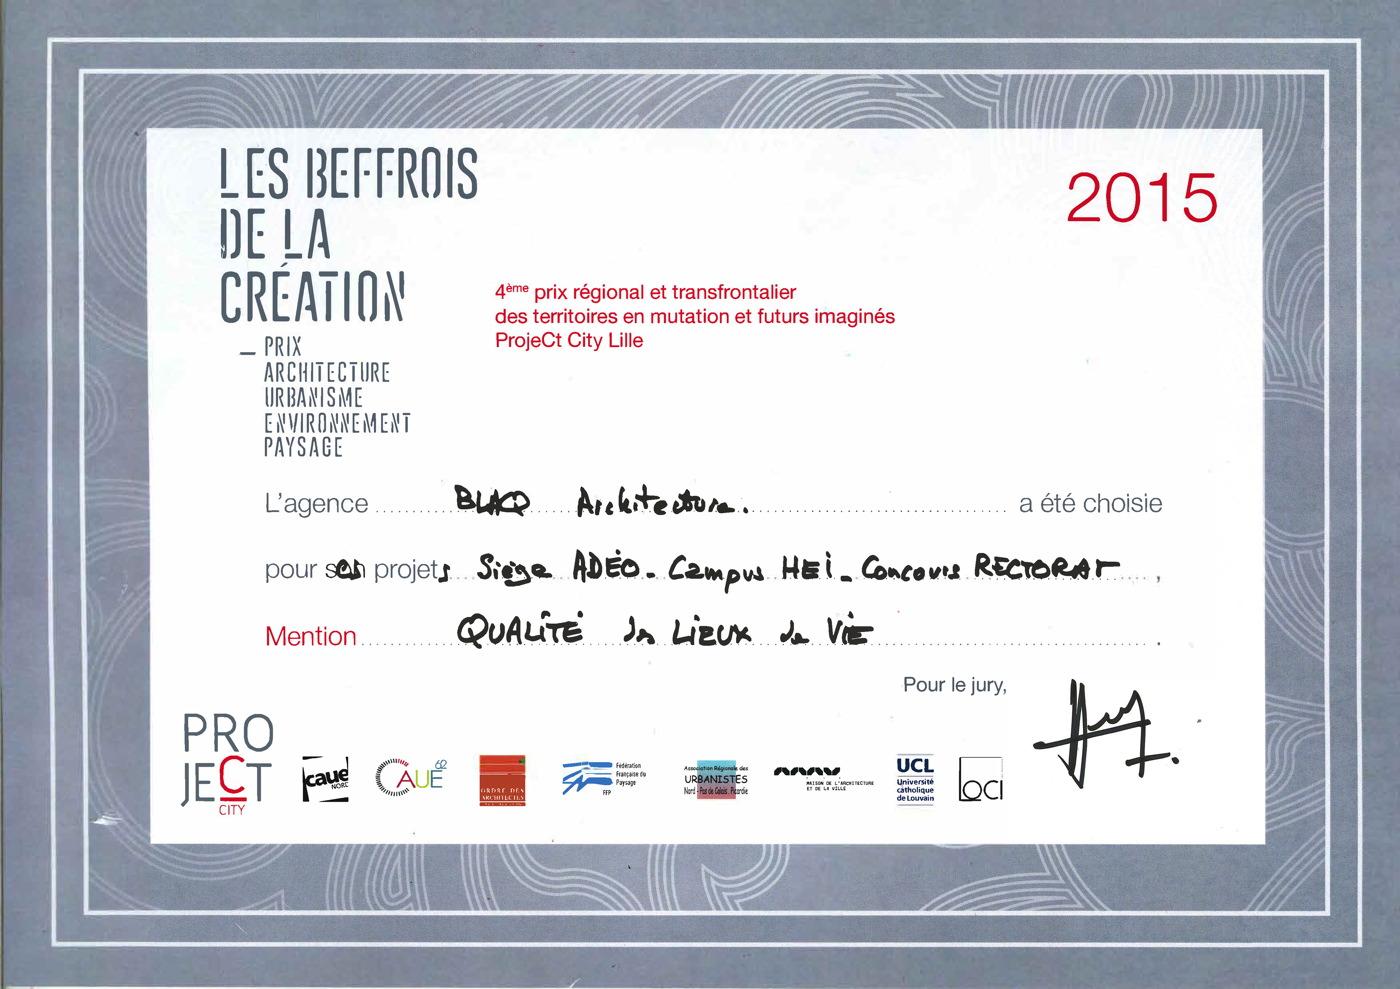 blaq-architectures-PRIX BEFFROIS DE LA CREATION 2015.jpg